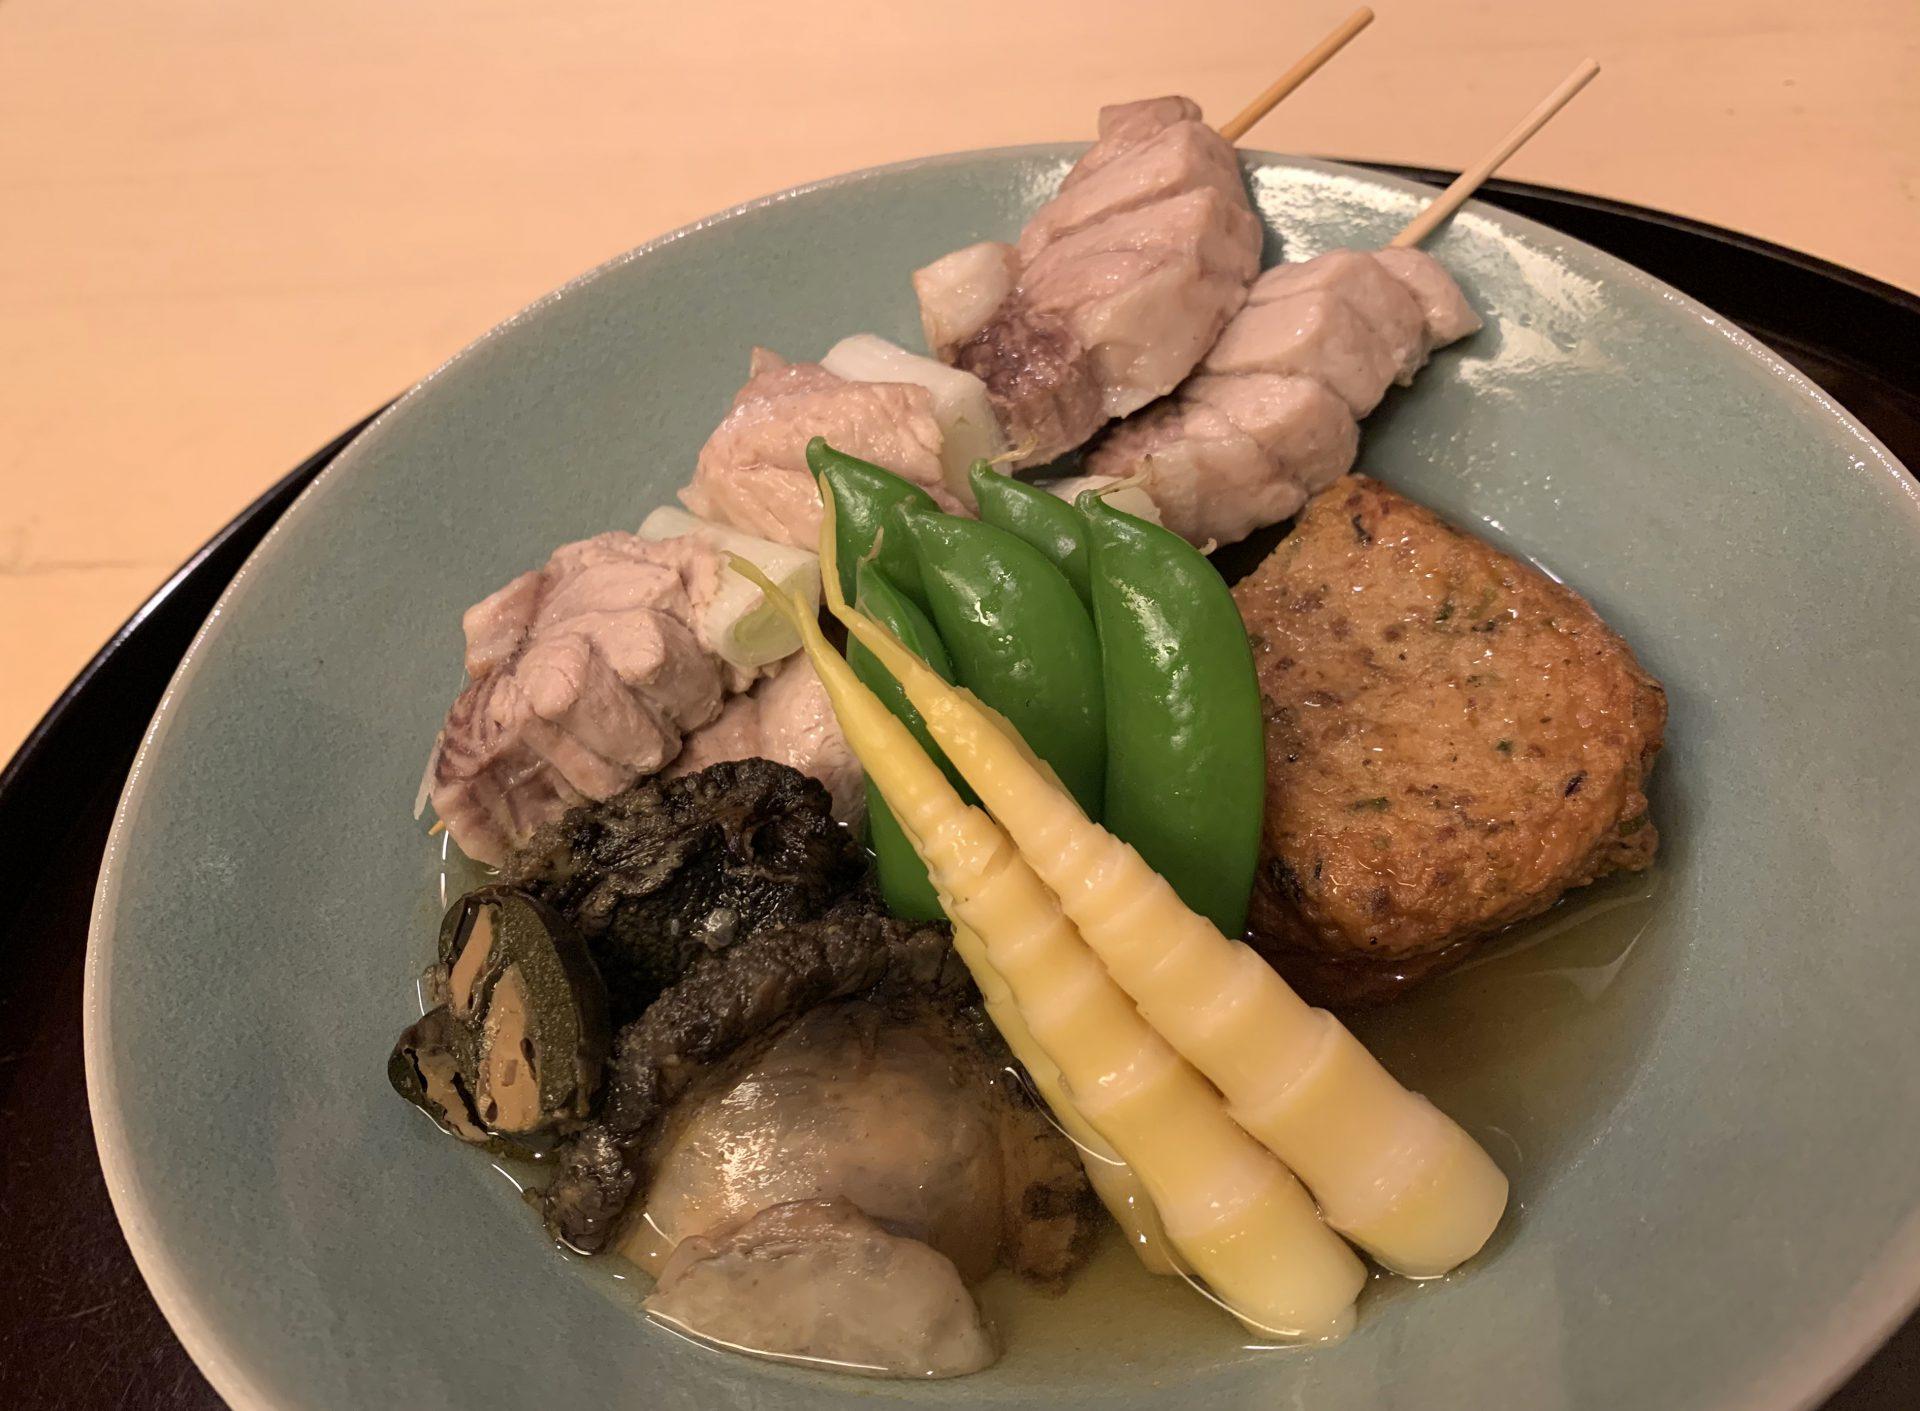 【6月】 お料理 宮本 / 宮本大介<br /> 宮本さんちの台所から